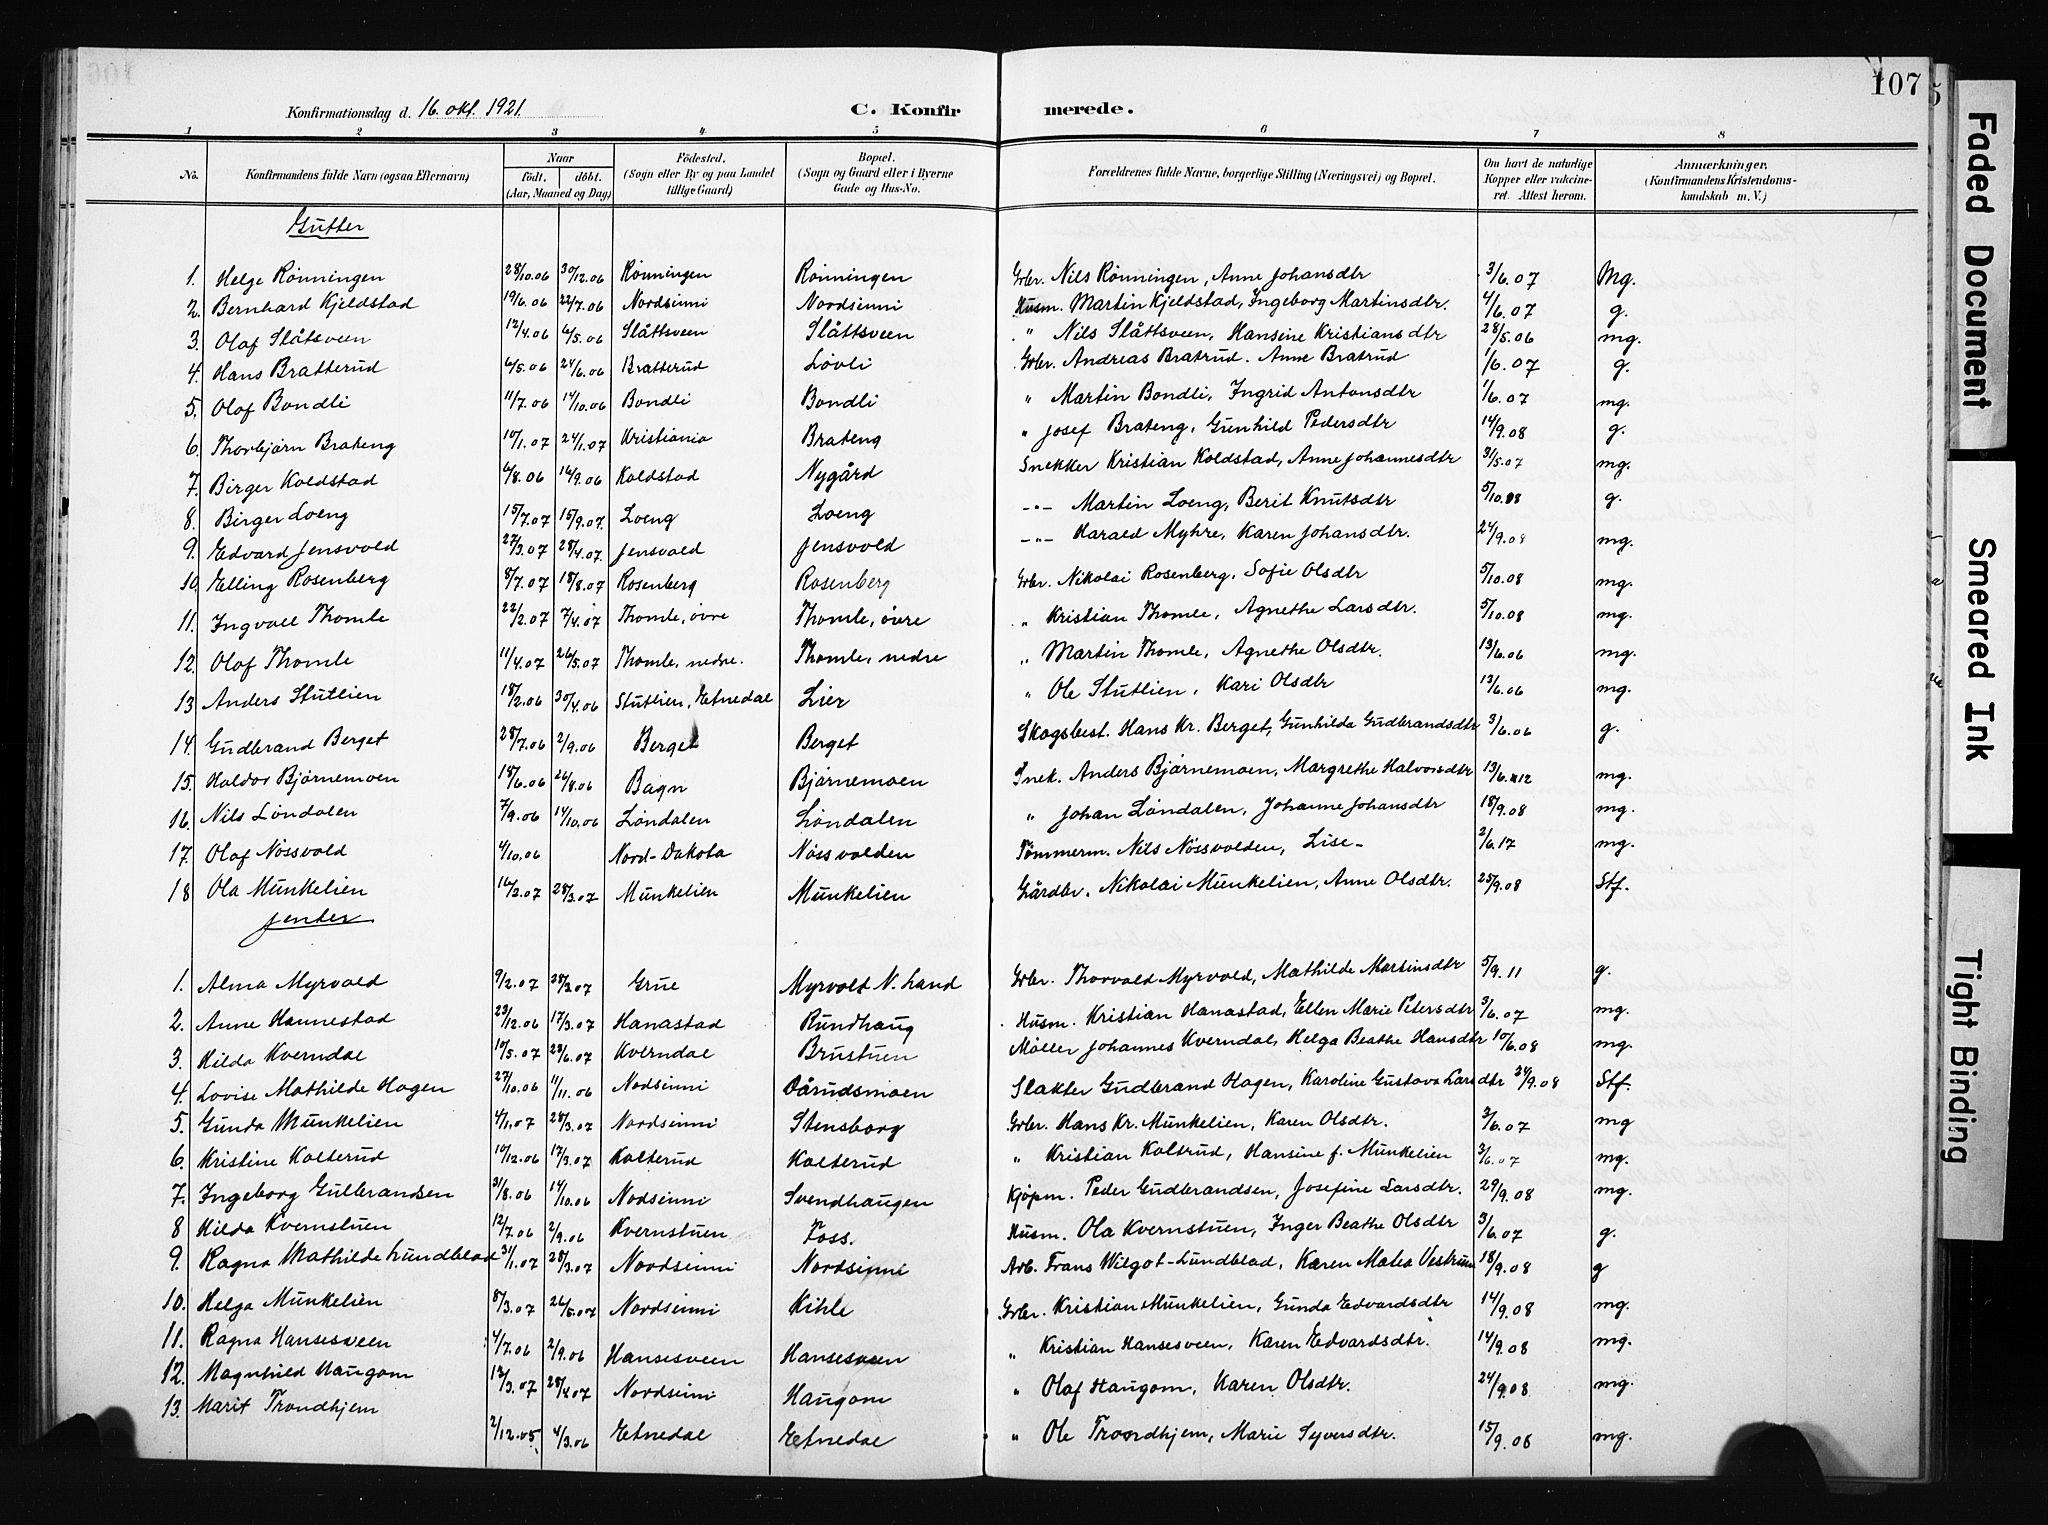 SAH, Nordre Land prestekontor, Klokkerbok nr. 6, 1905-1929, s. 107